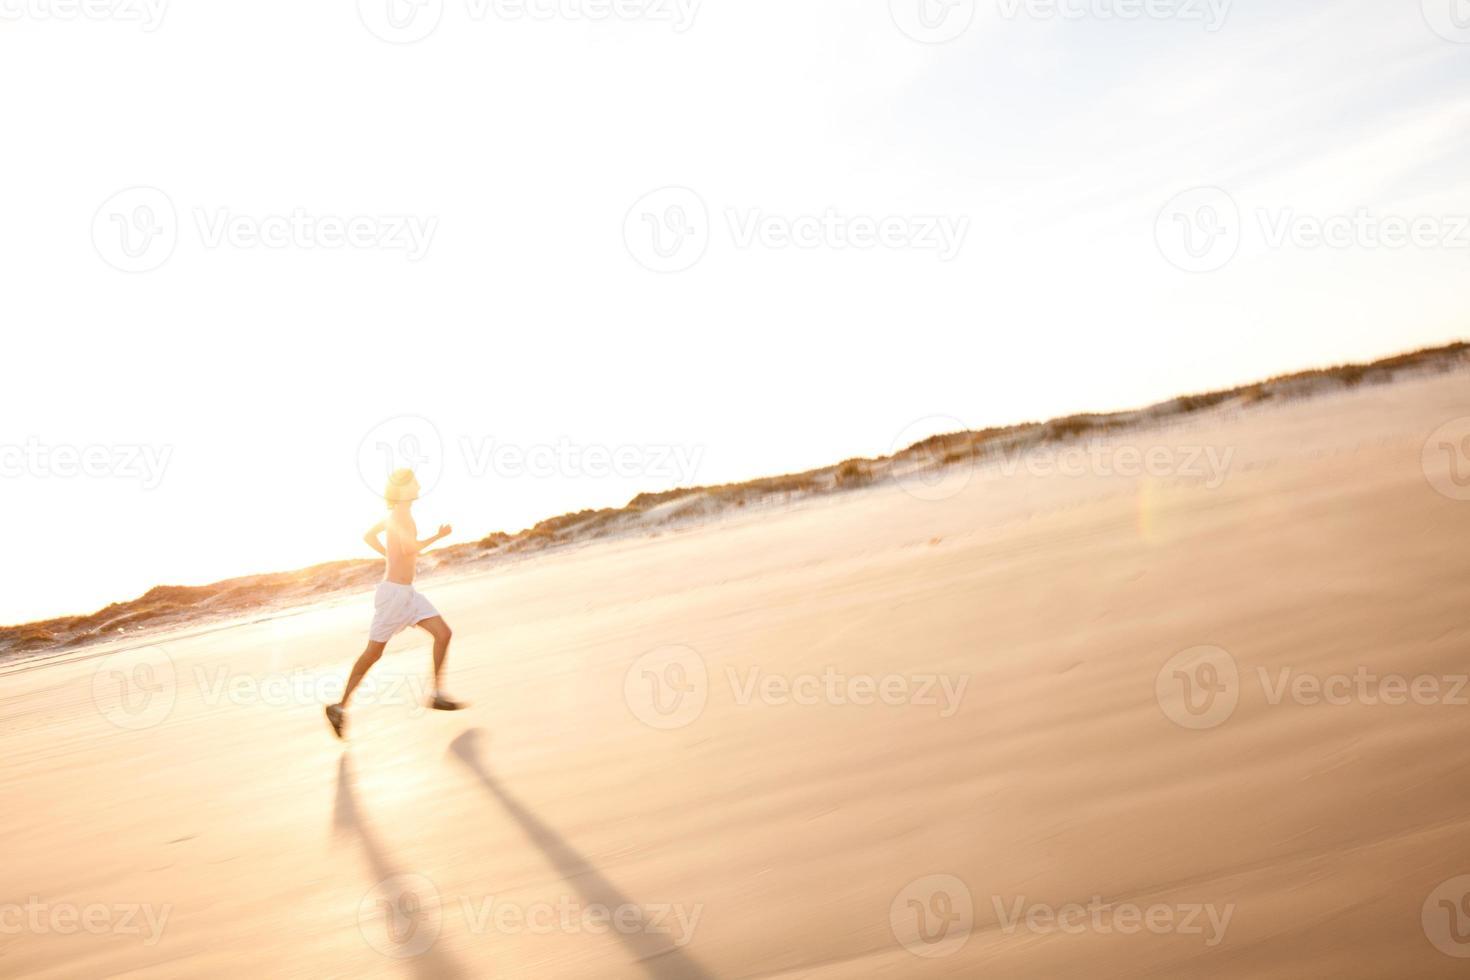 männlicher Läufer für einen Trainingslauf bei Sonnenuntergang foto